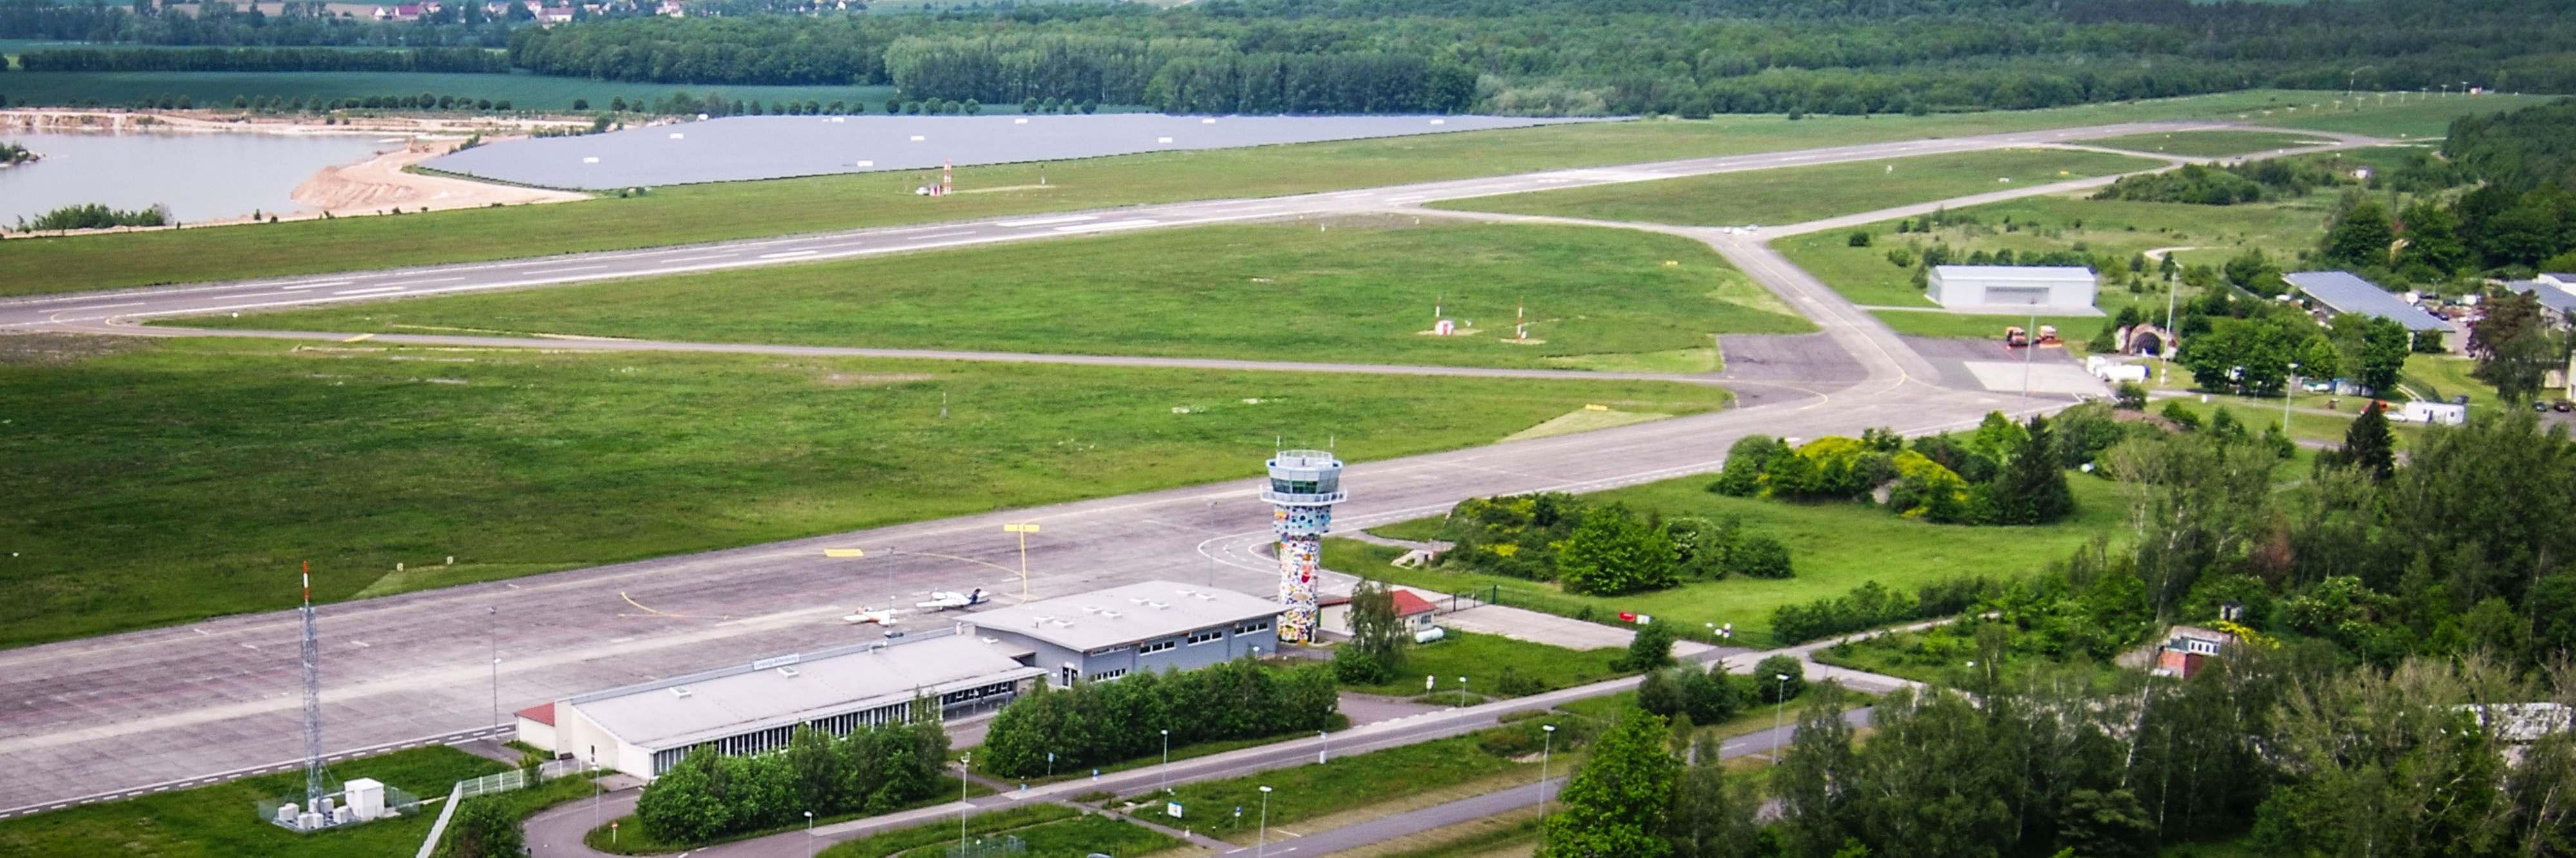 Erste Schulung am Flughafen Altenburg